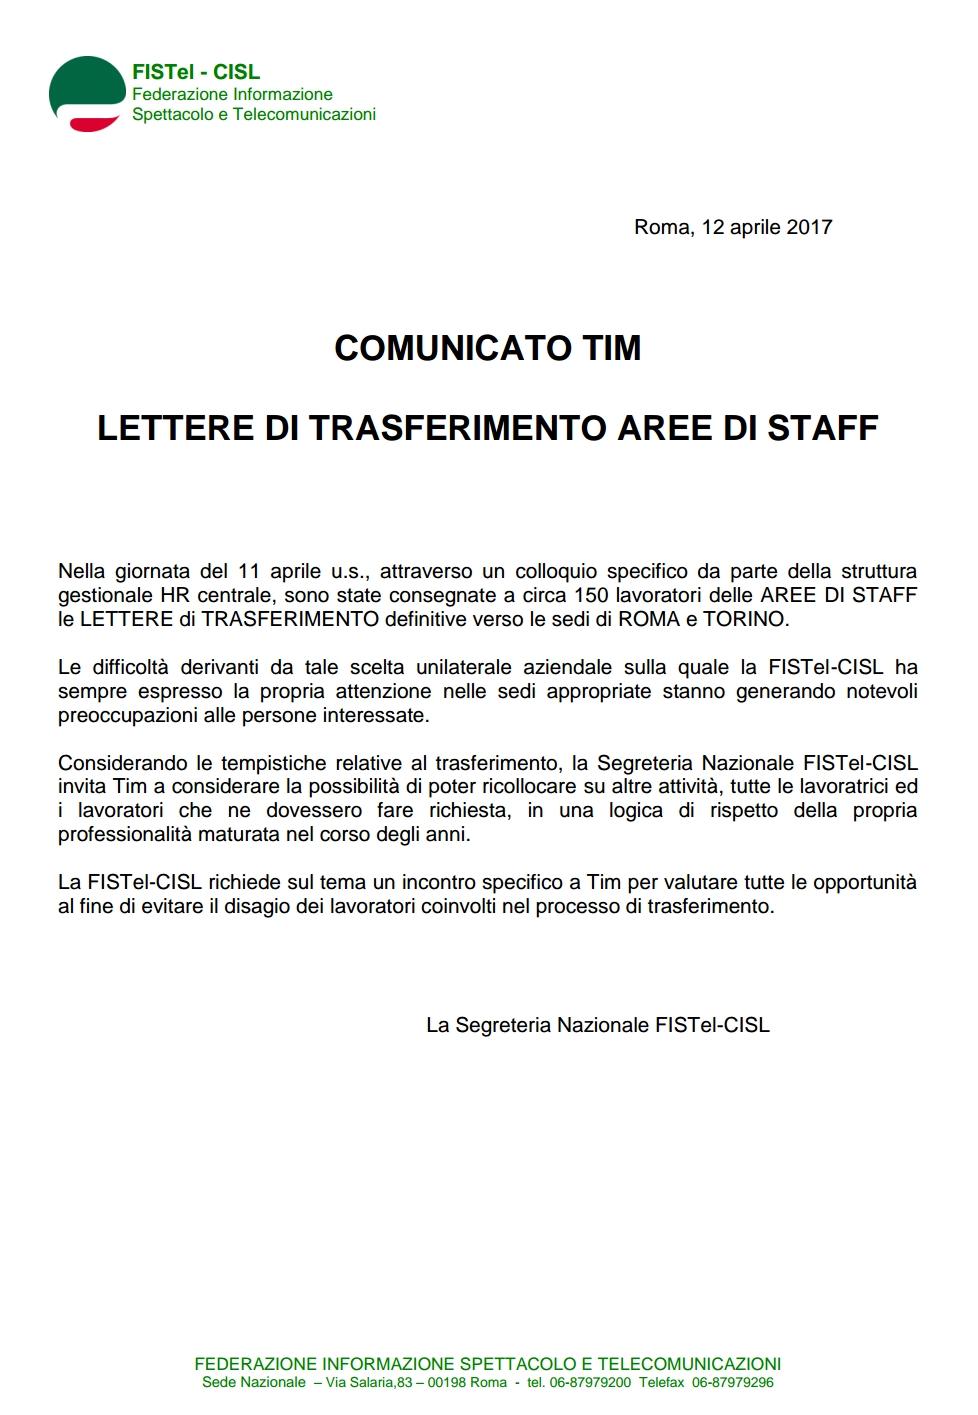 Fistel cisl campania for Soggiorni estivi telecom 2017